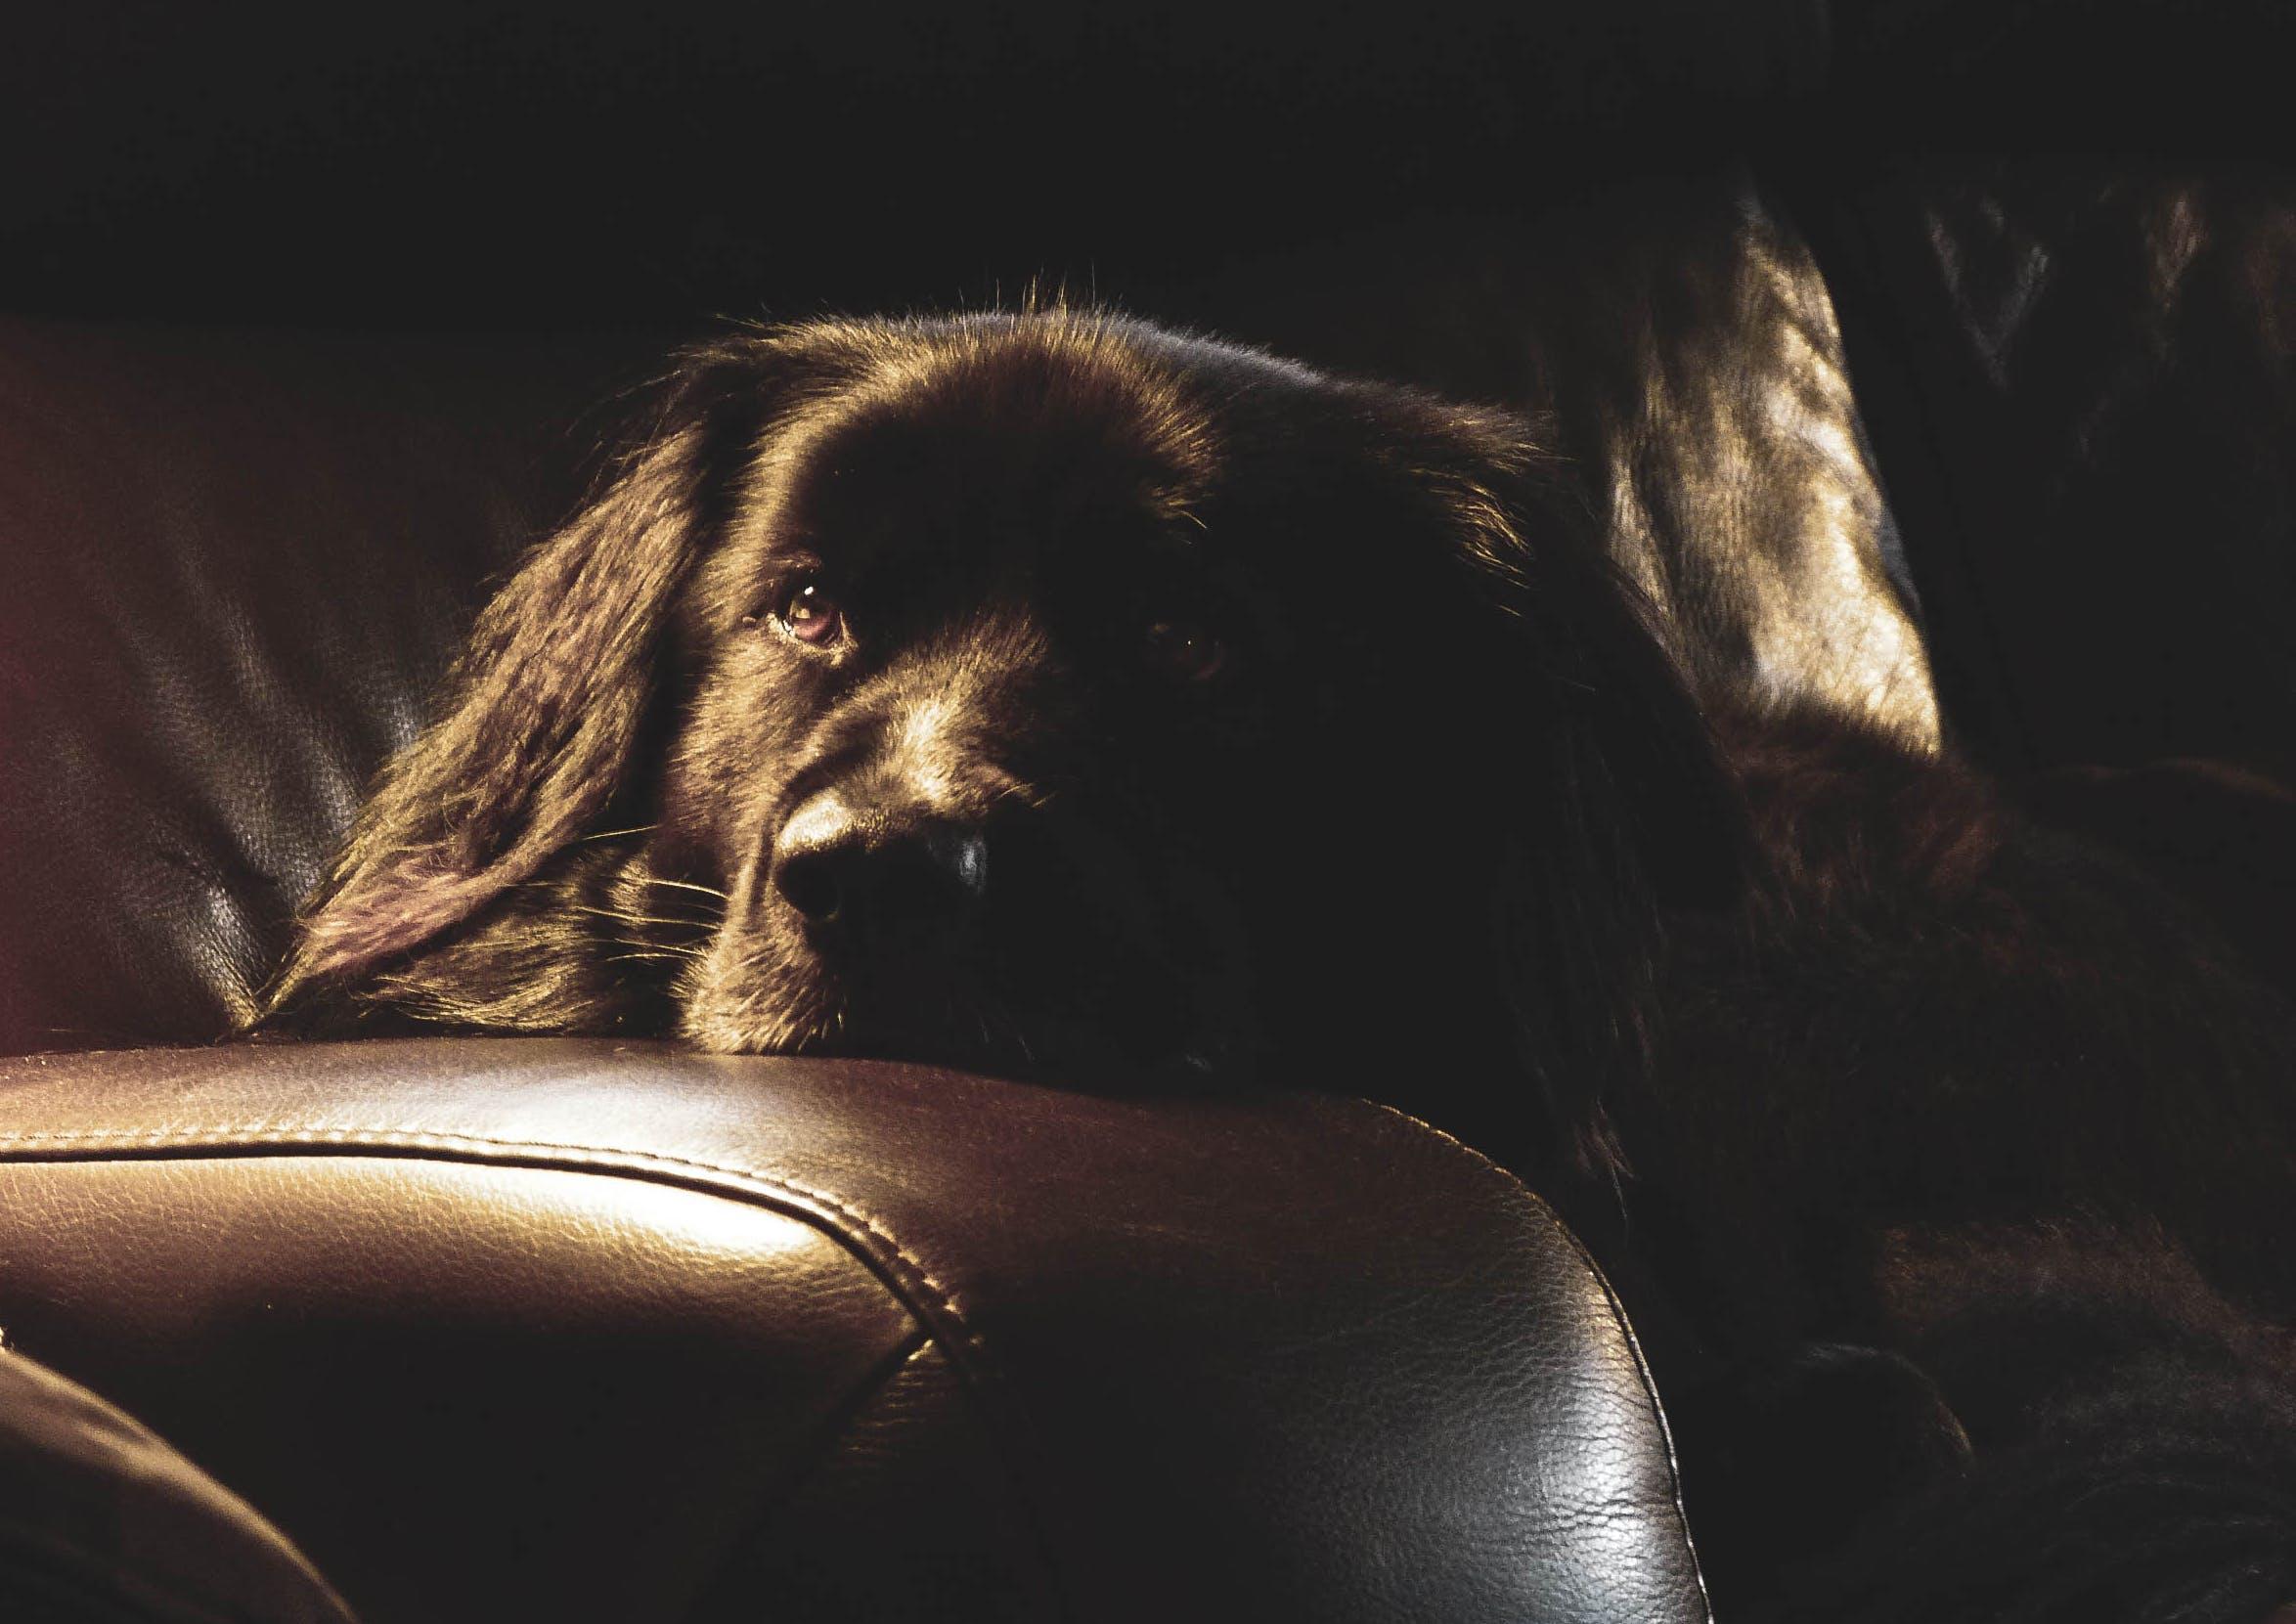 Free stock photo of black dog, dog, dogs